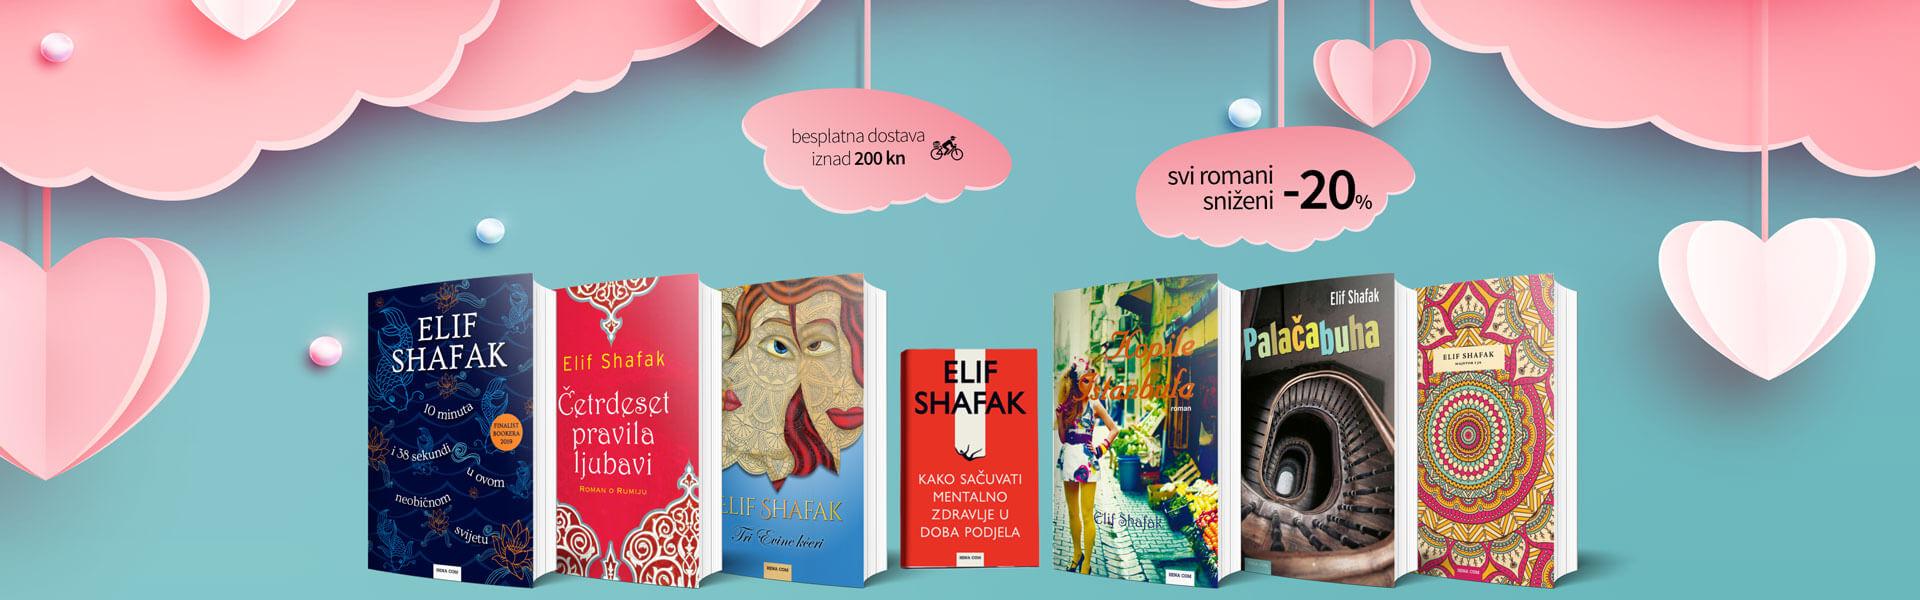 Čitajte knjige koje se pamte, čitajte Elif Shafak!